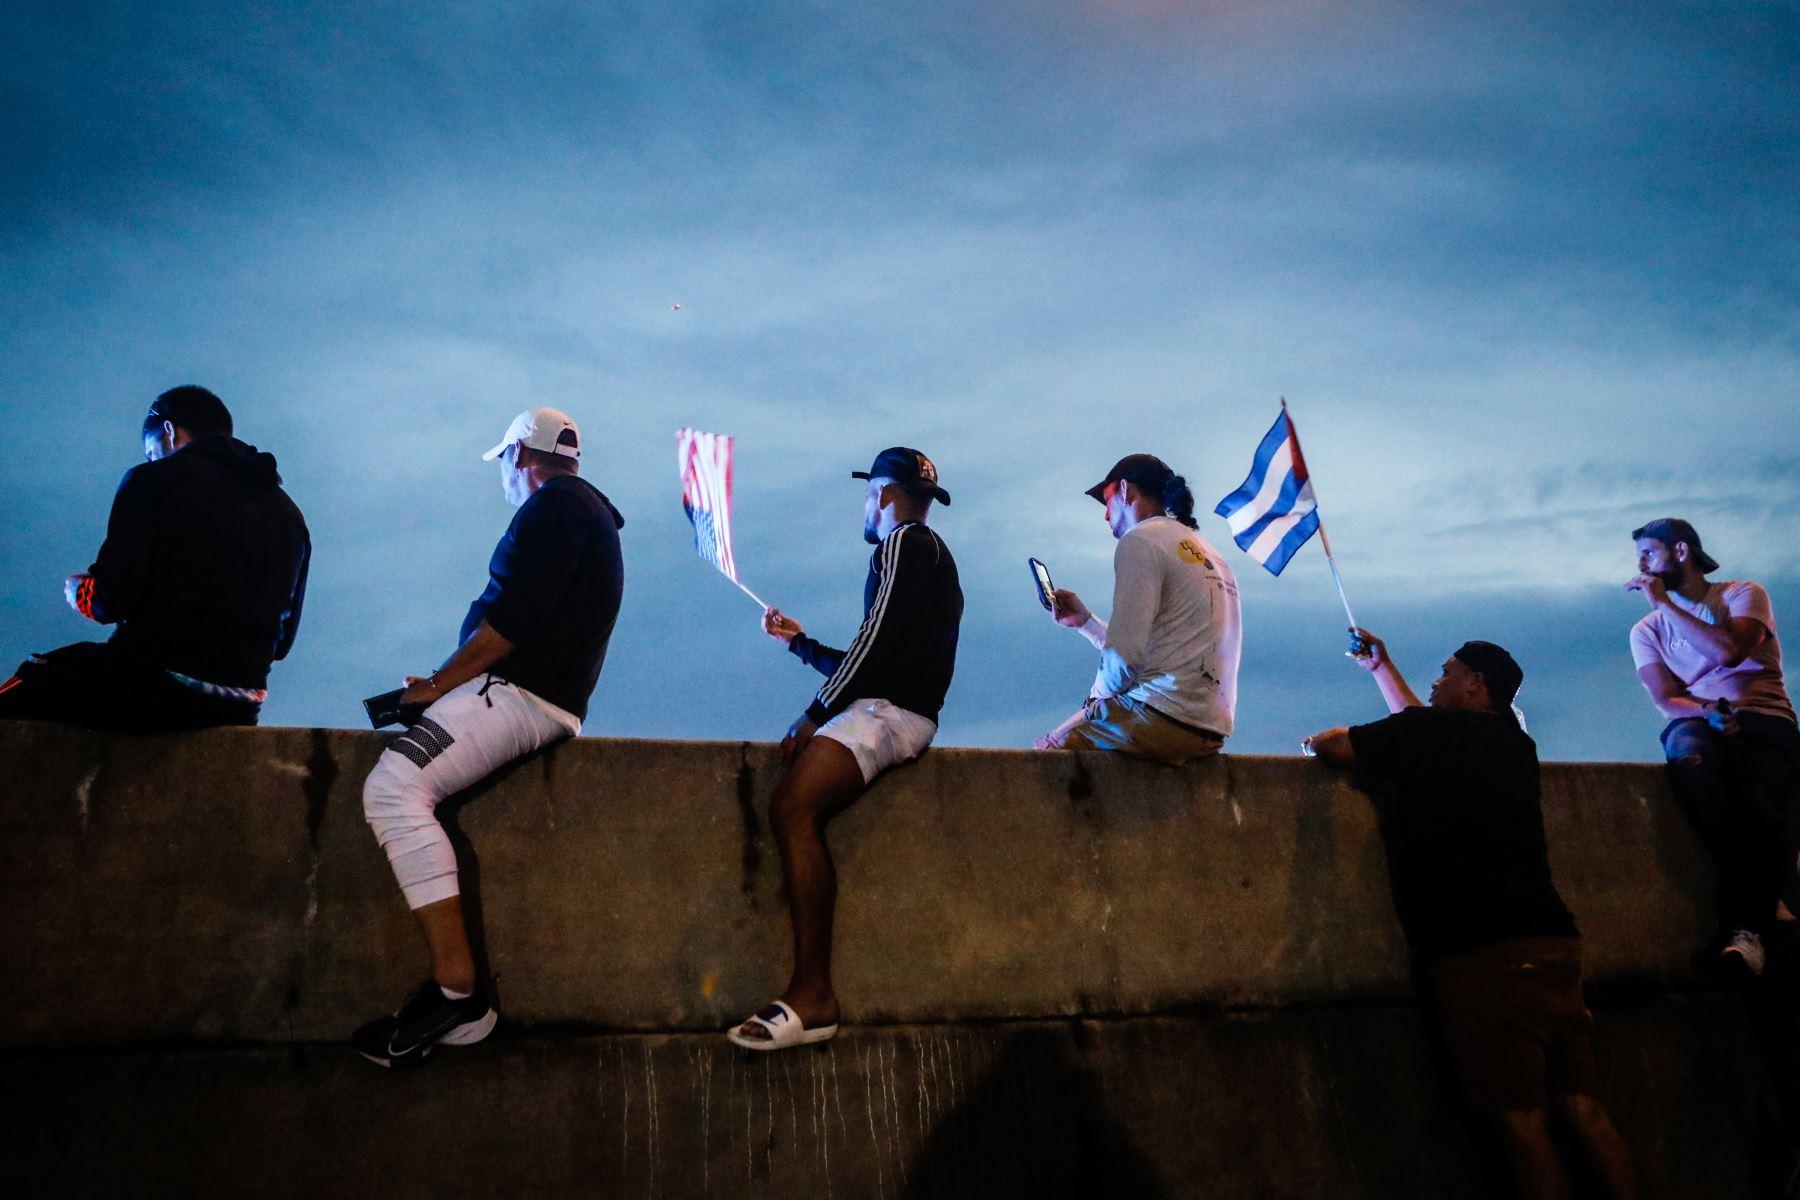 Personas sostienen banderas cubanas y estadounidenses mientras bloquean la Autopista Palmetto durante una protesta de apoyo a los cubanos que se manifiestan contra su gobierno, en Miami. Foto: AFP